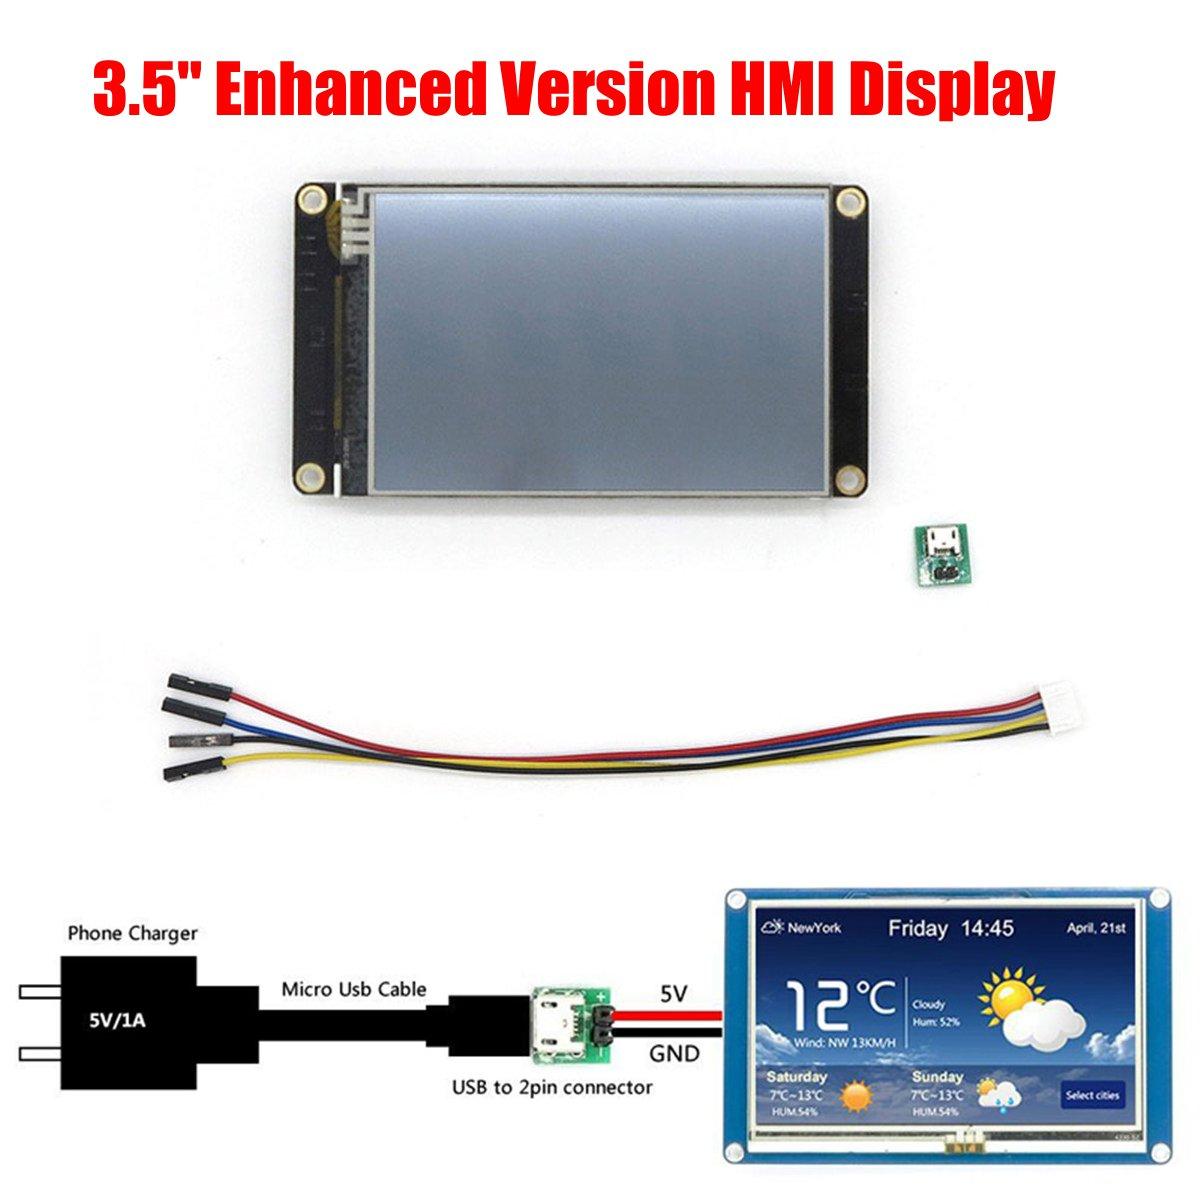 Nextion amélioré 3.5 pouces HMI Intelligent Intelligent USART UART série Tou ch TFT LCD NX4832K035 panneau d'essai panneau d'affichage LCD Module